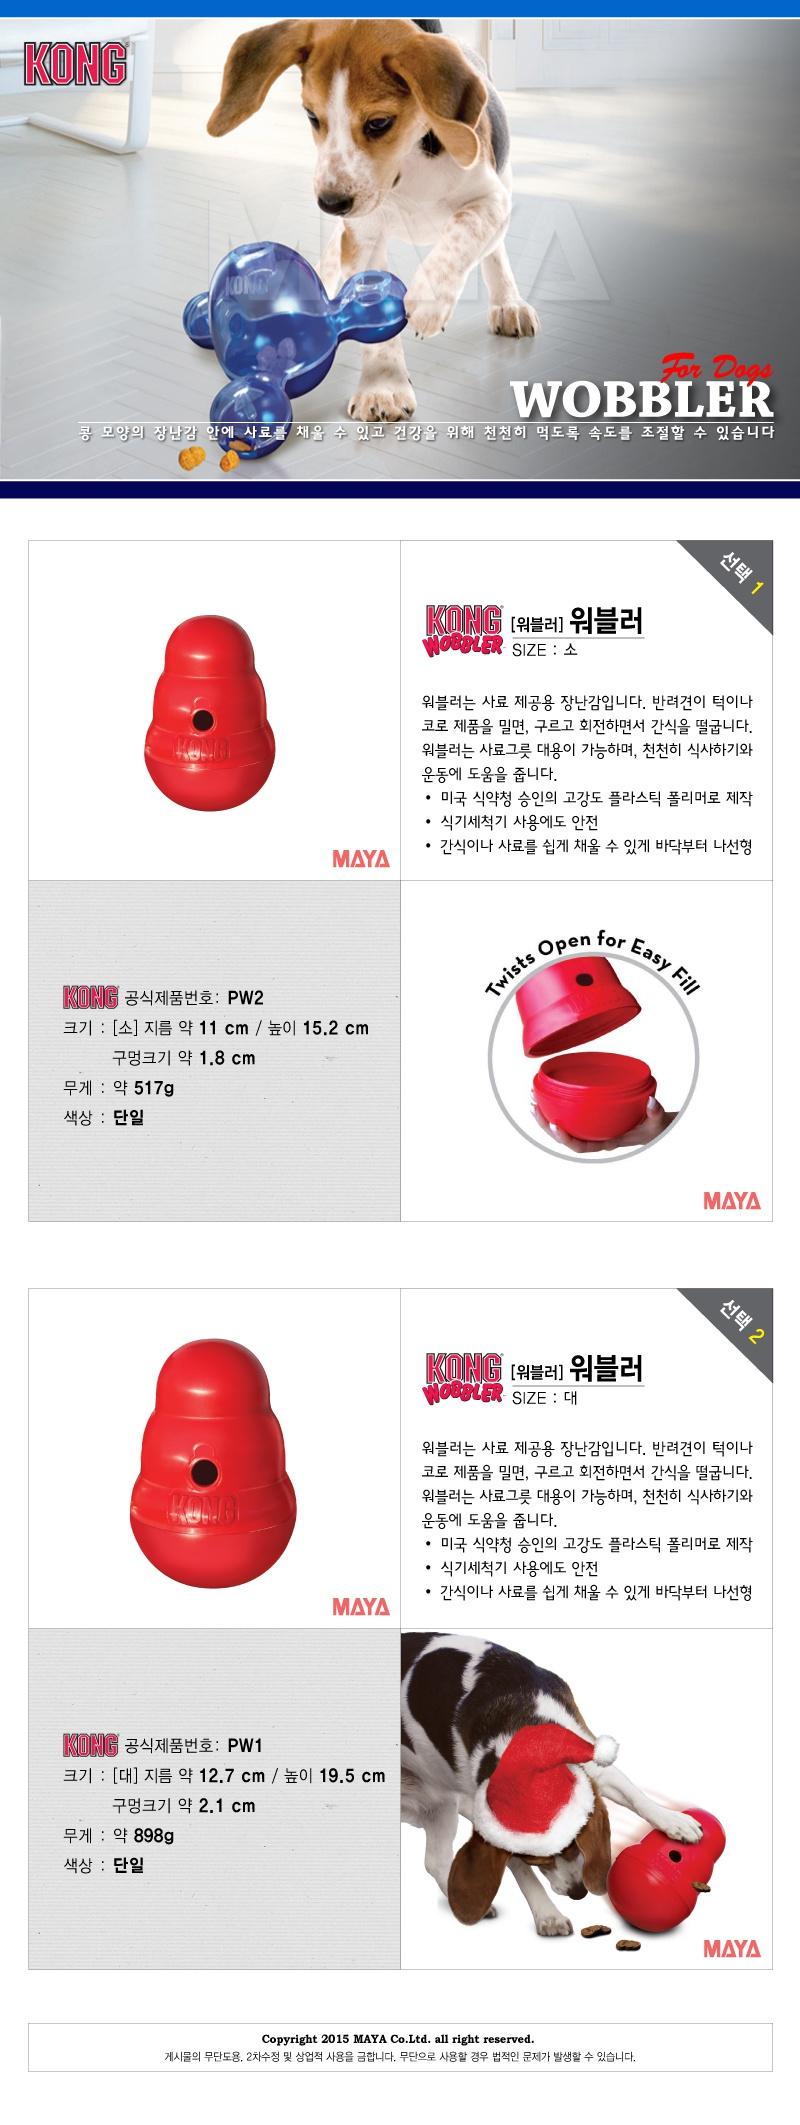 콩 노즈워크 장난감 워블러 (소)-상품이미지-0